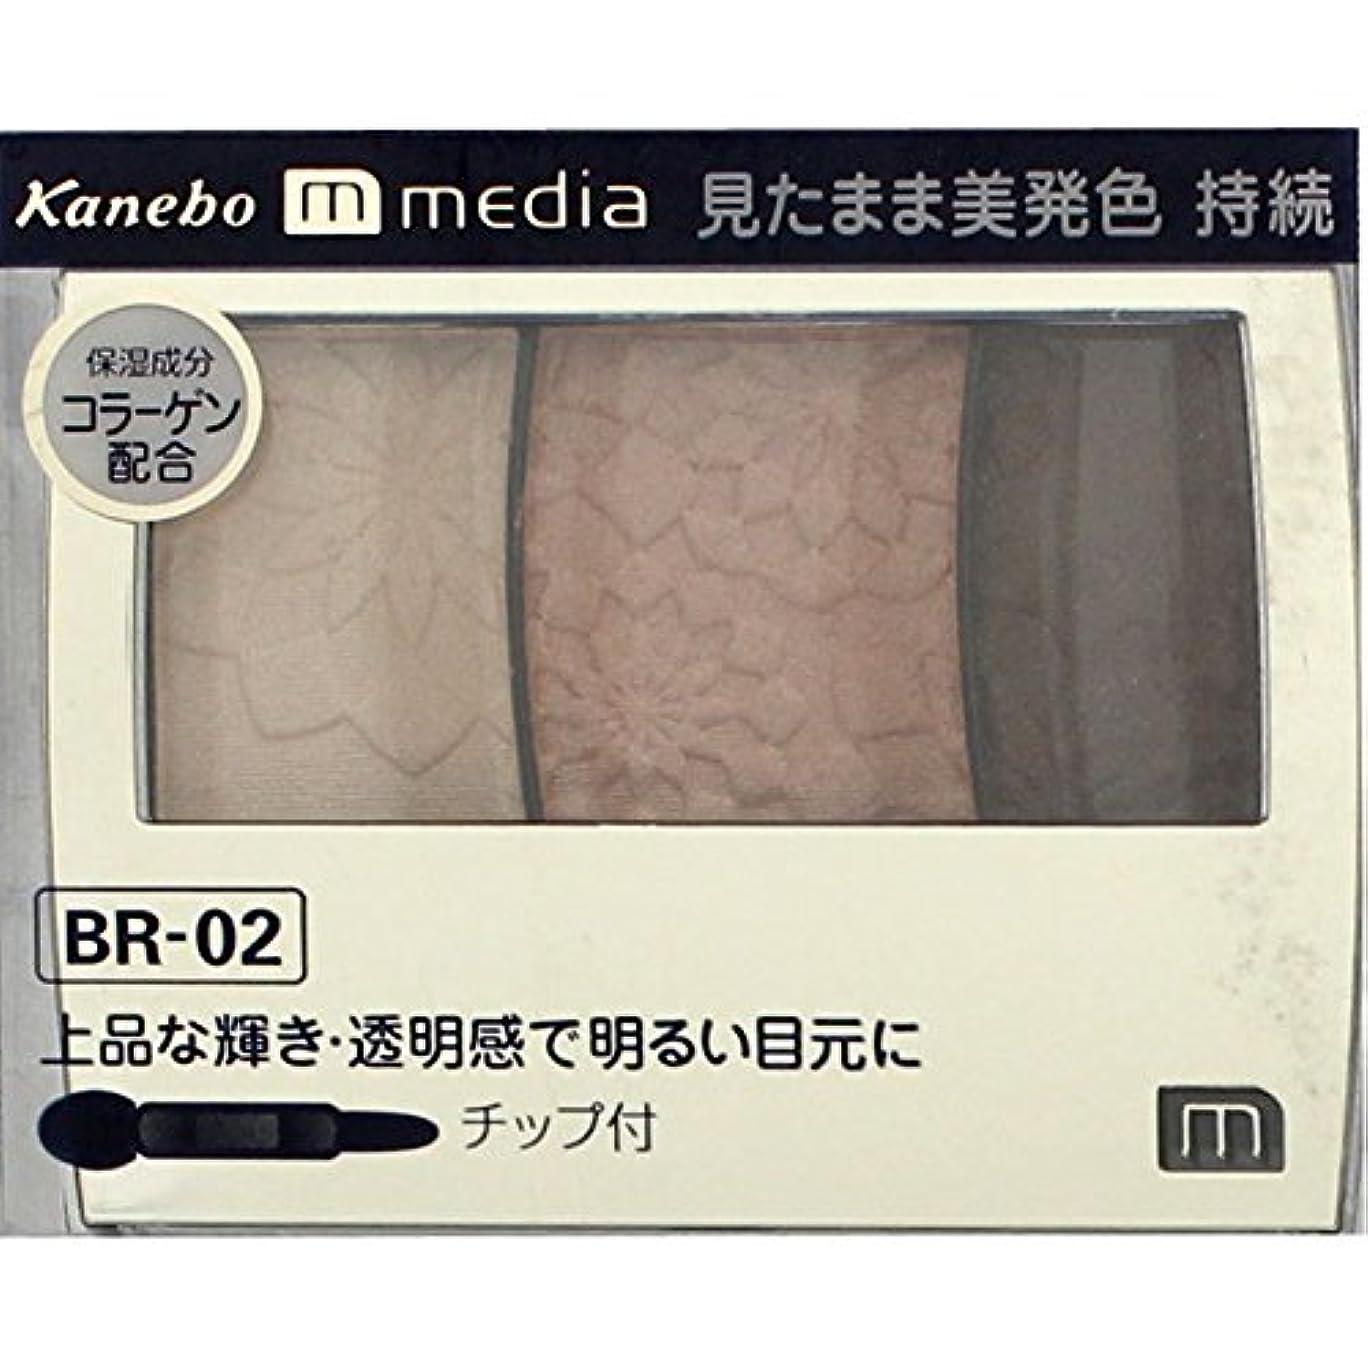 骨の折れる眼温帯【カネボウ】 メディア グラデカラーアイシャドウ BR-02